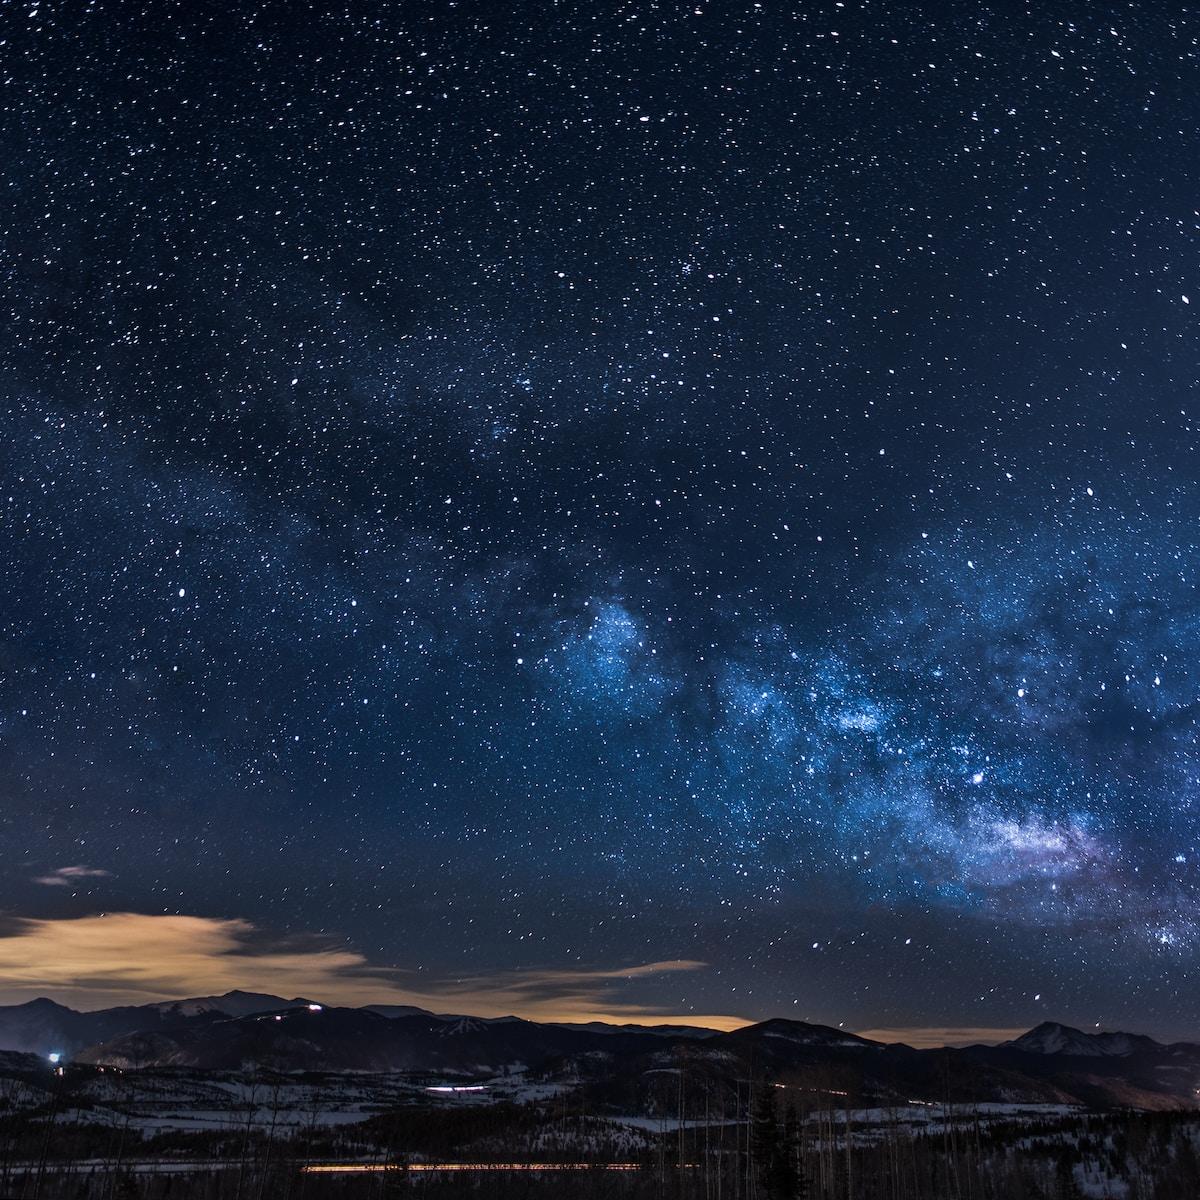 basura espacial cosmos starlink